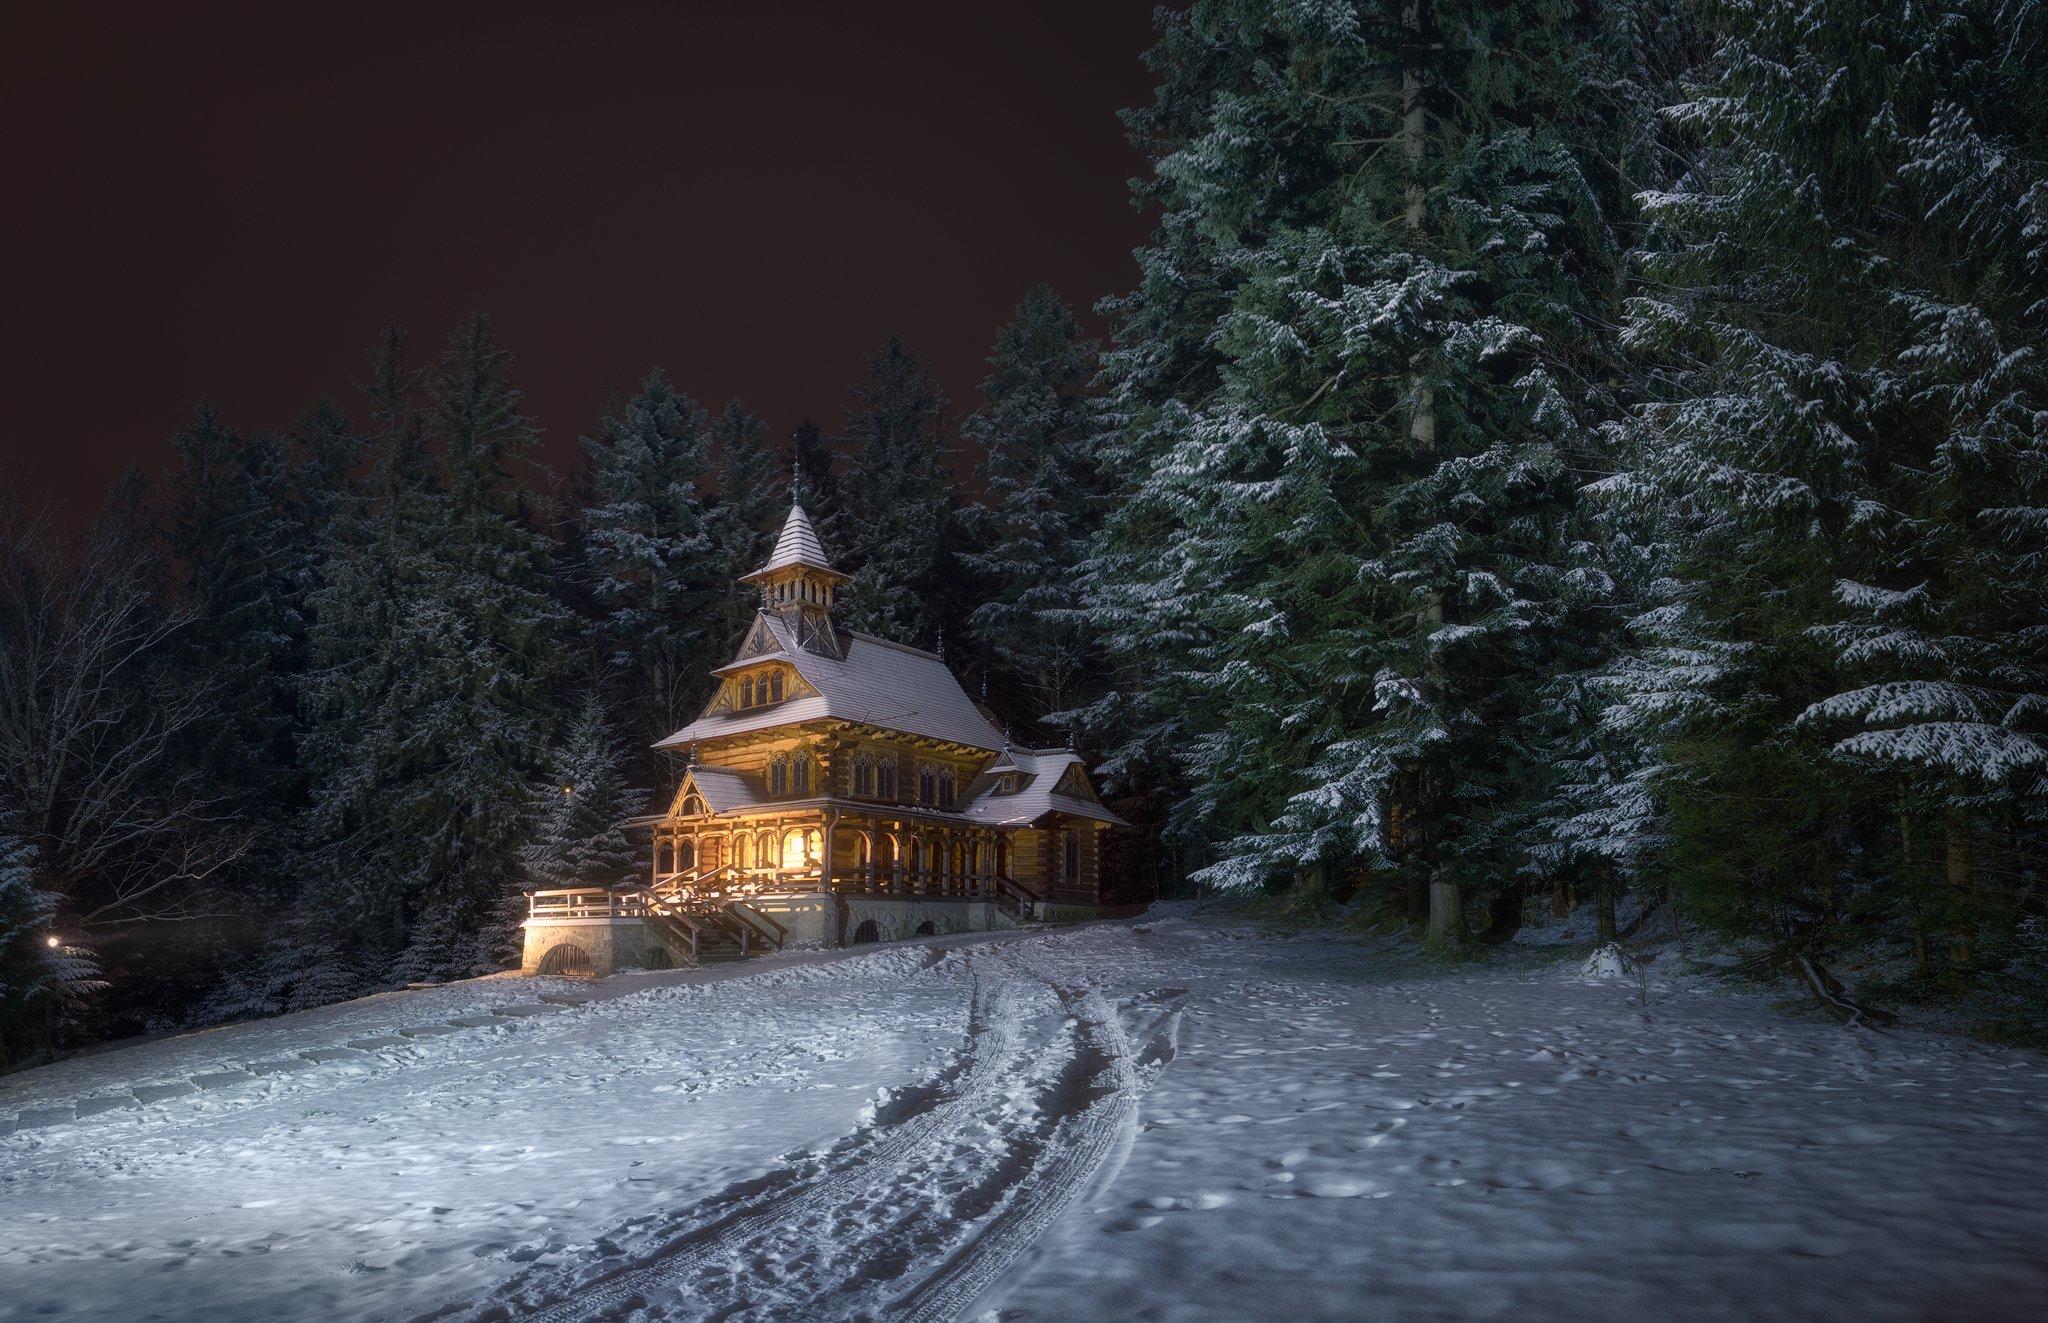 church poland zakopane jaszczurówka winter eve snow light woods forest trees, Maciej Warchoł